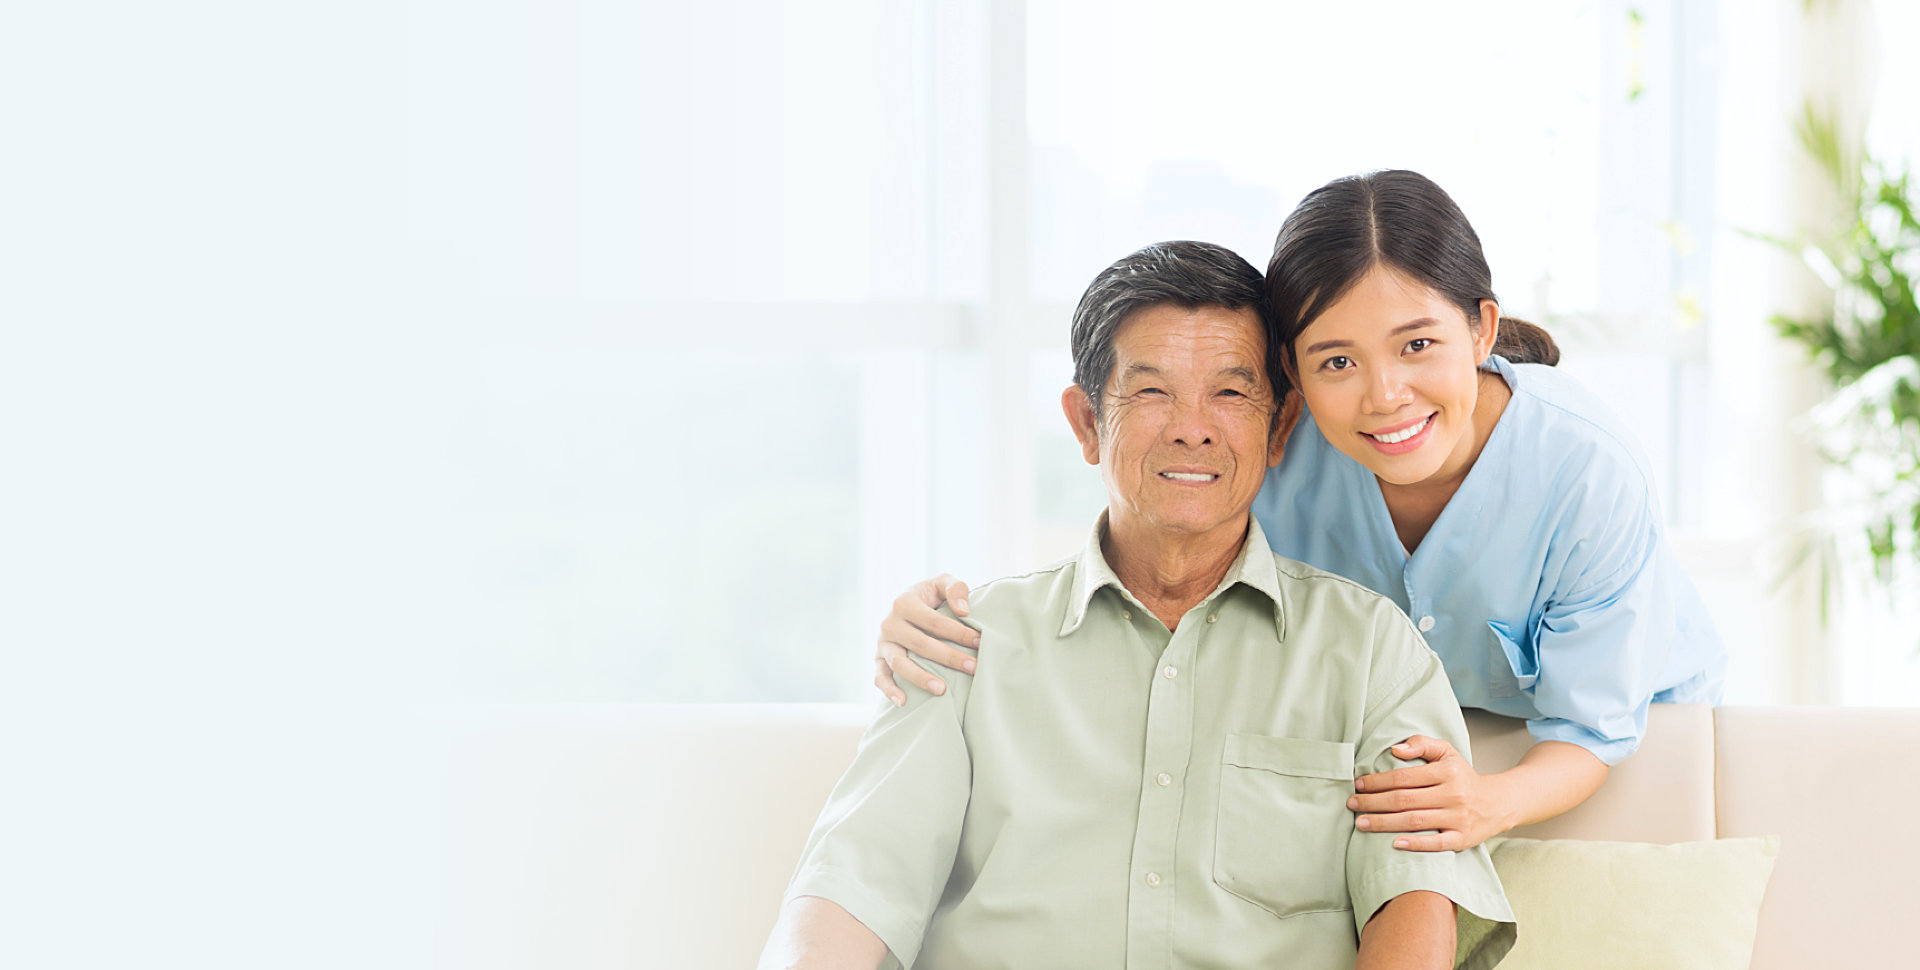 caregiver and senior patient smiling